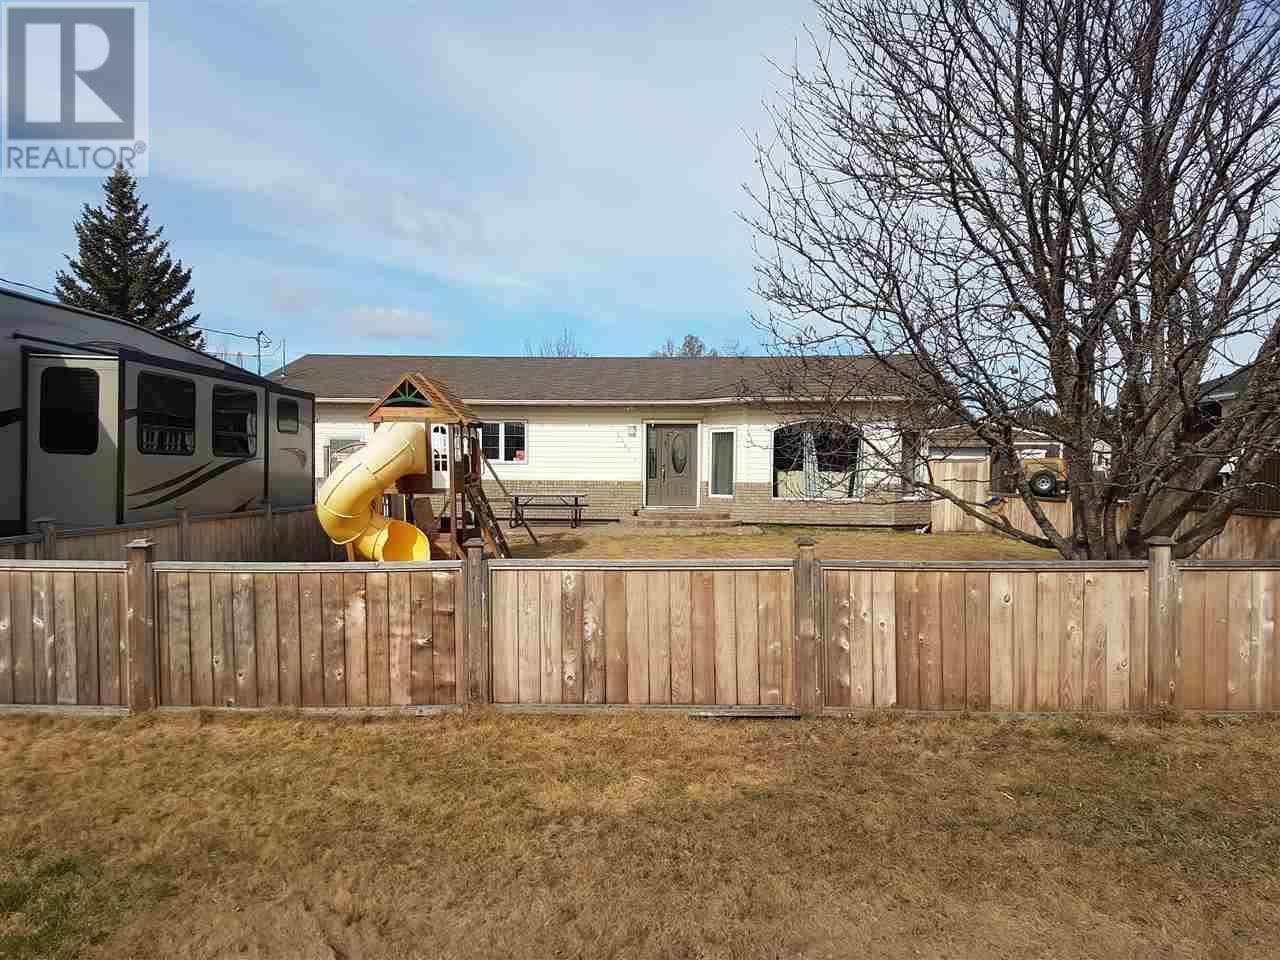 House for sale at 3369 Redfern Dr Vanderhoof British Columbia - MLS: R2445336